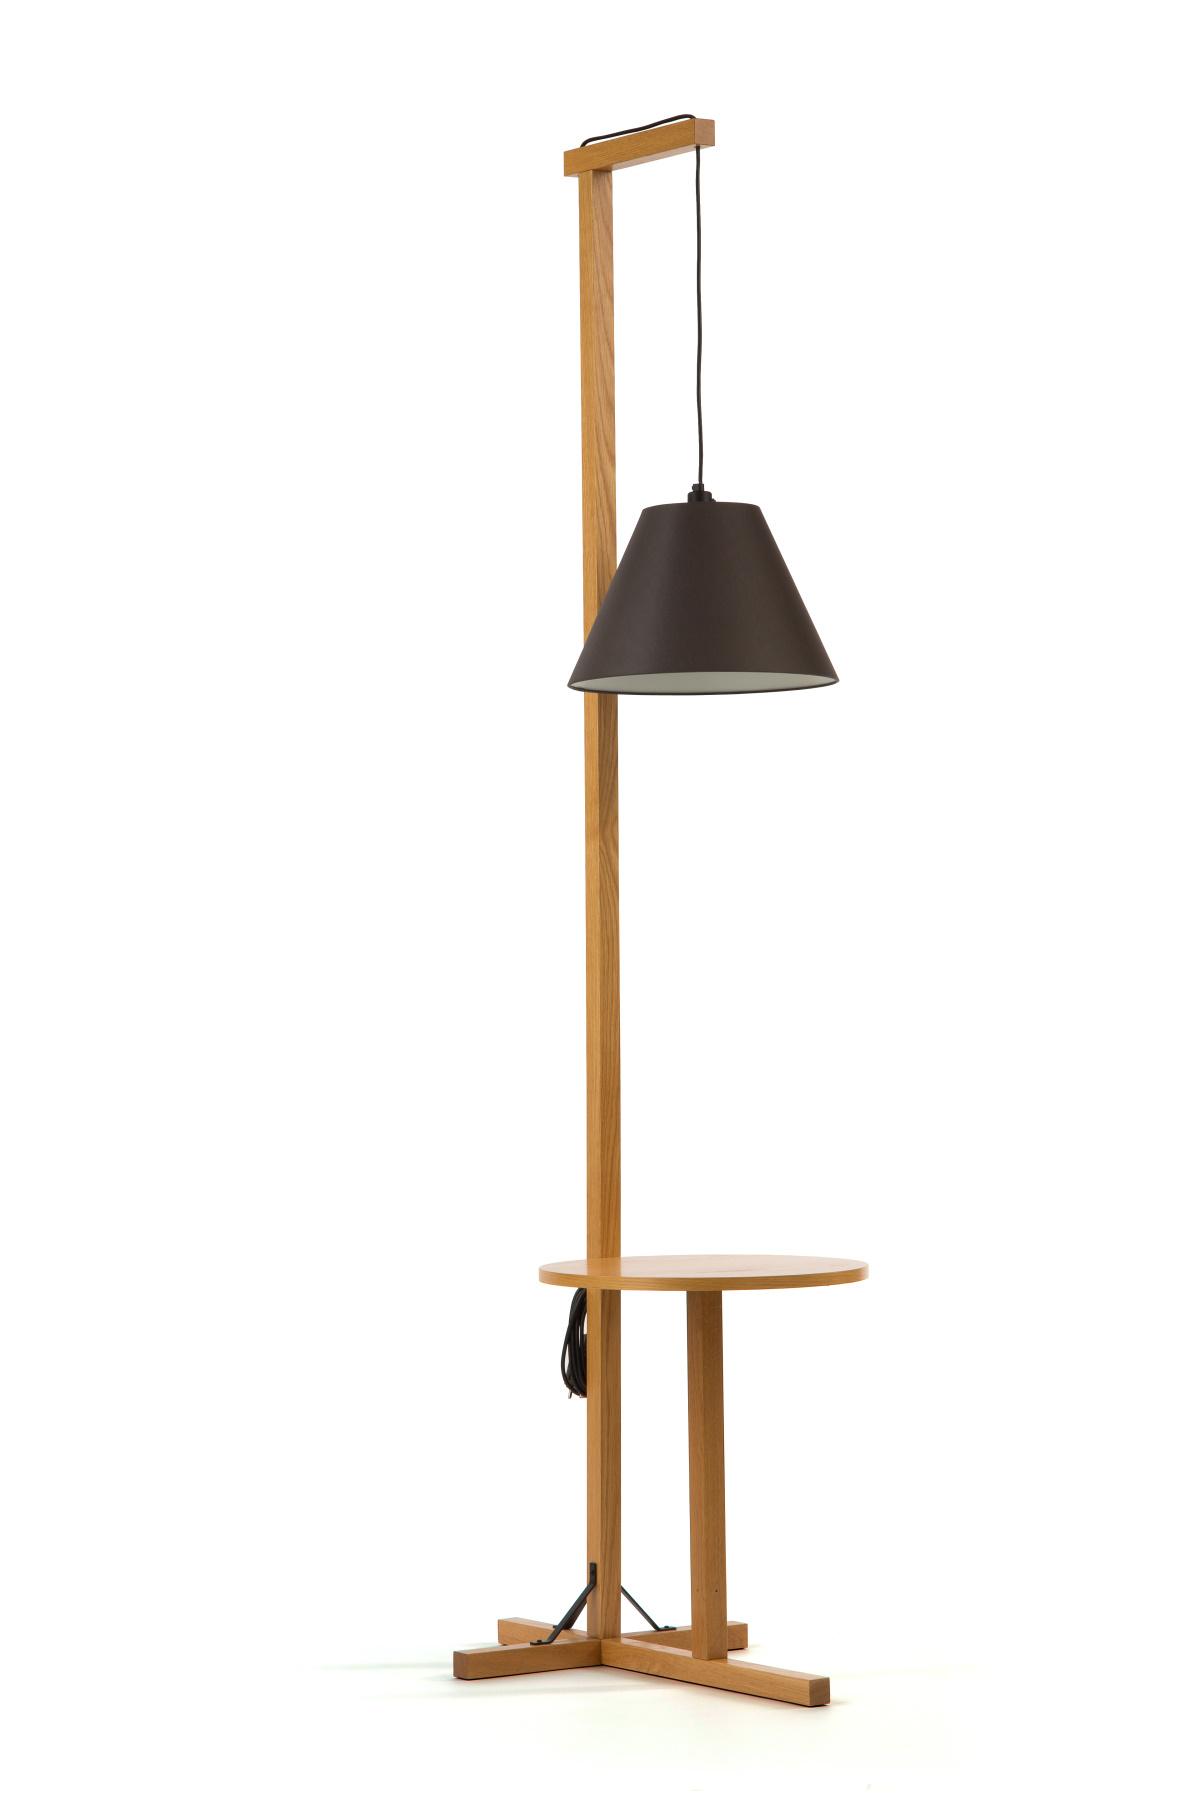 Full Size of Wohnzimmer Stehlampe Stehlampen Modern Holz Dimmbar Ikea Stehleuchte Led Beistelltisch Flim Lampe Tisch Eiche Couchtisch Dynamic 24de Landhausstil Wandbild Wohnzimmer Wohnzimmer Stehlampe